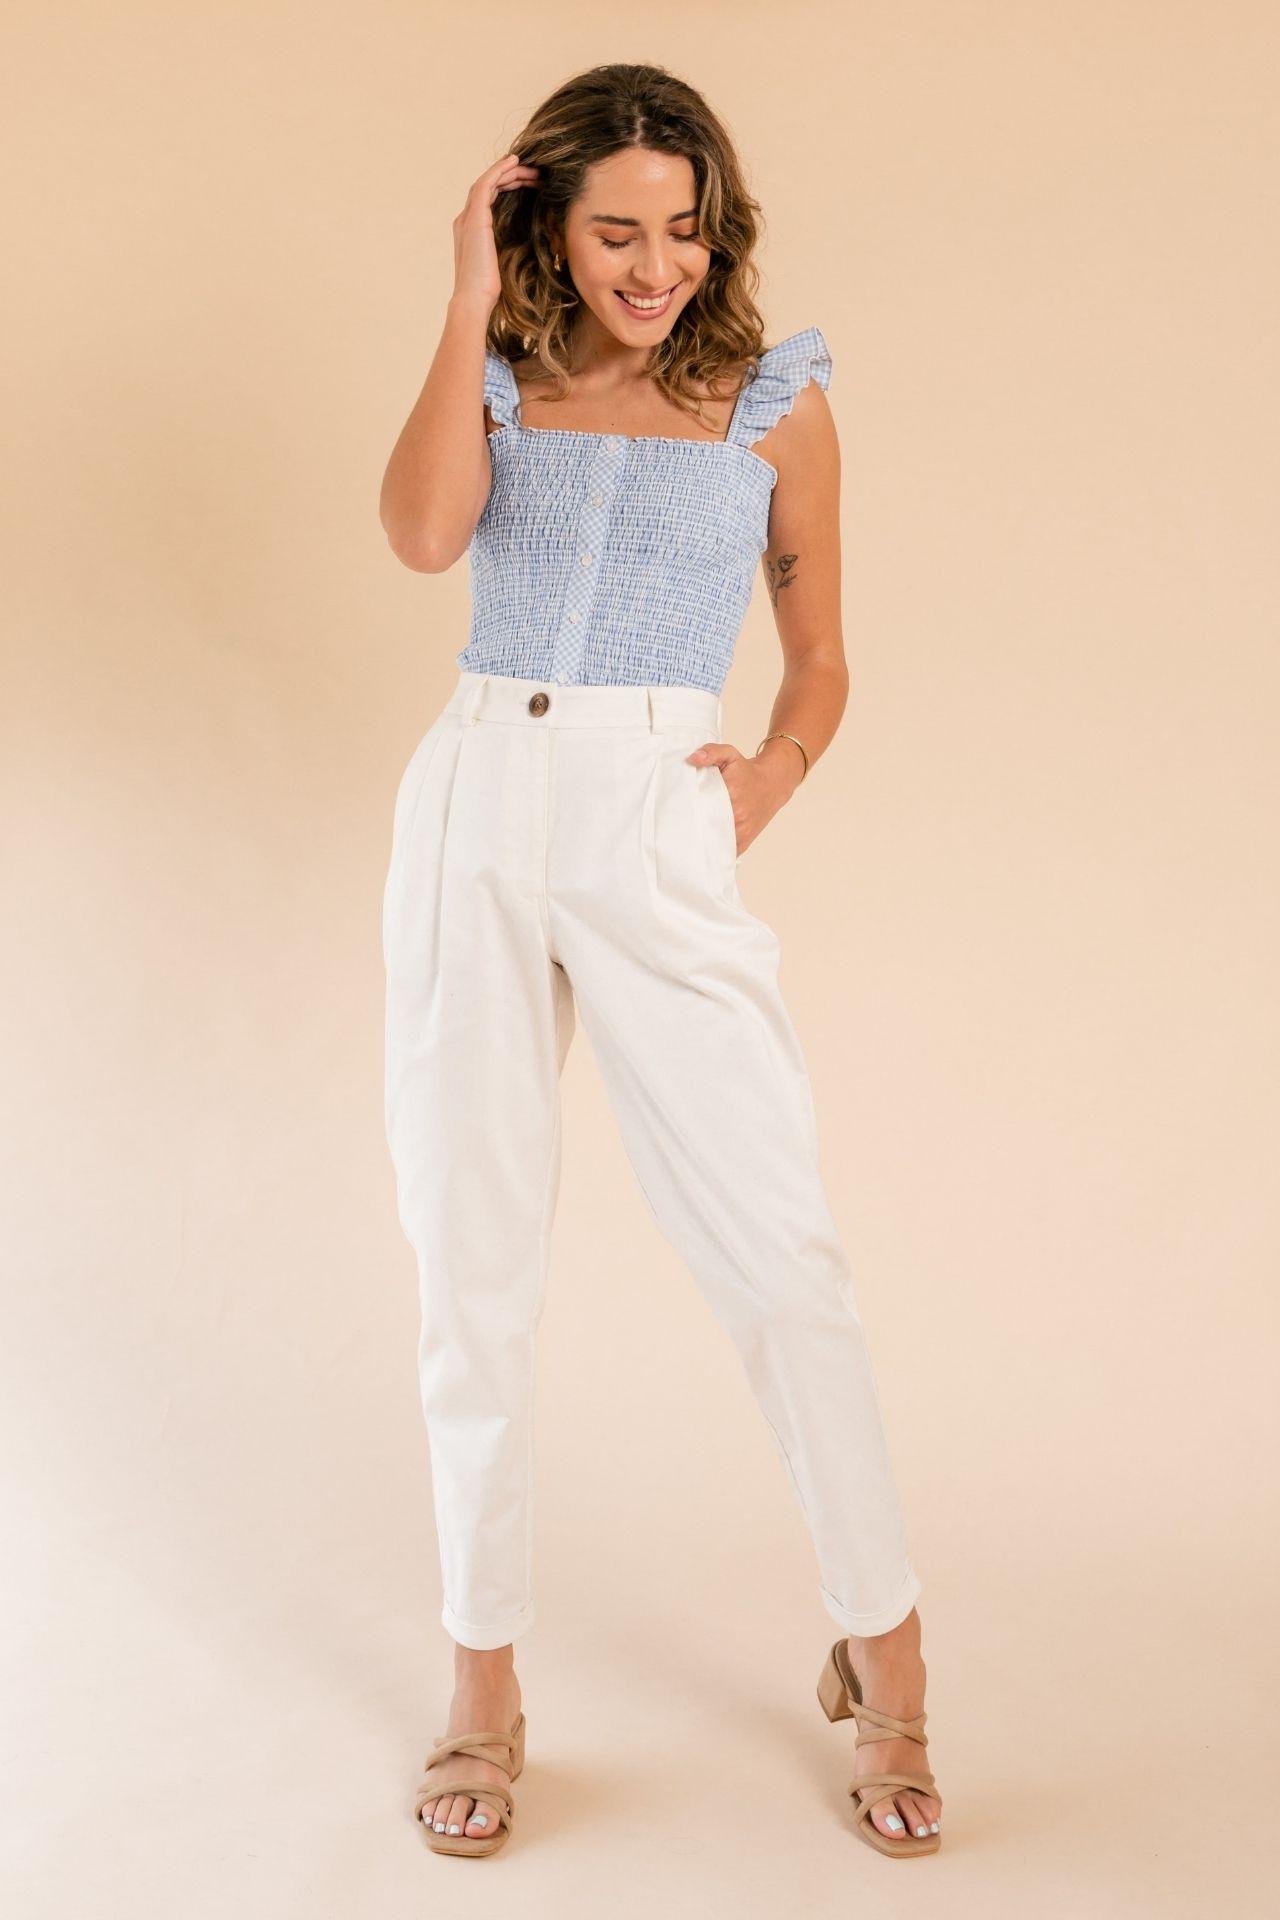 Pantalon slouchy drill  Elastico en la cintura para regular al cuerpo